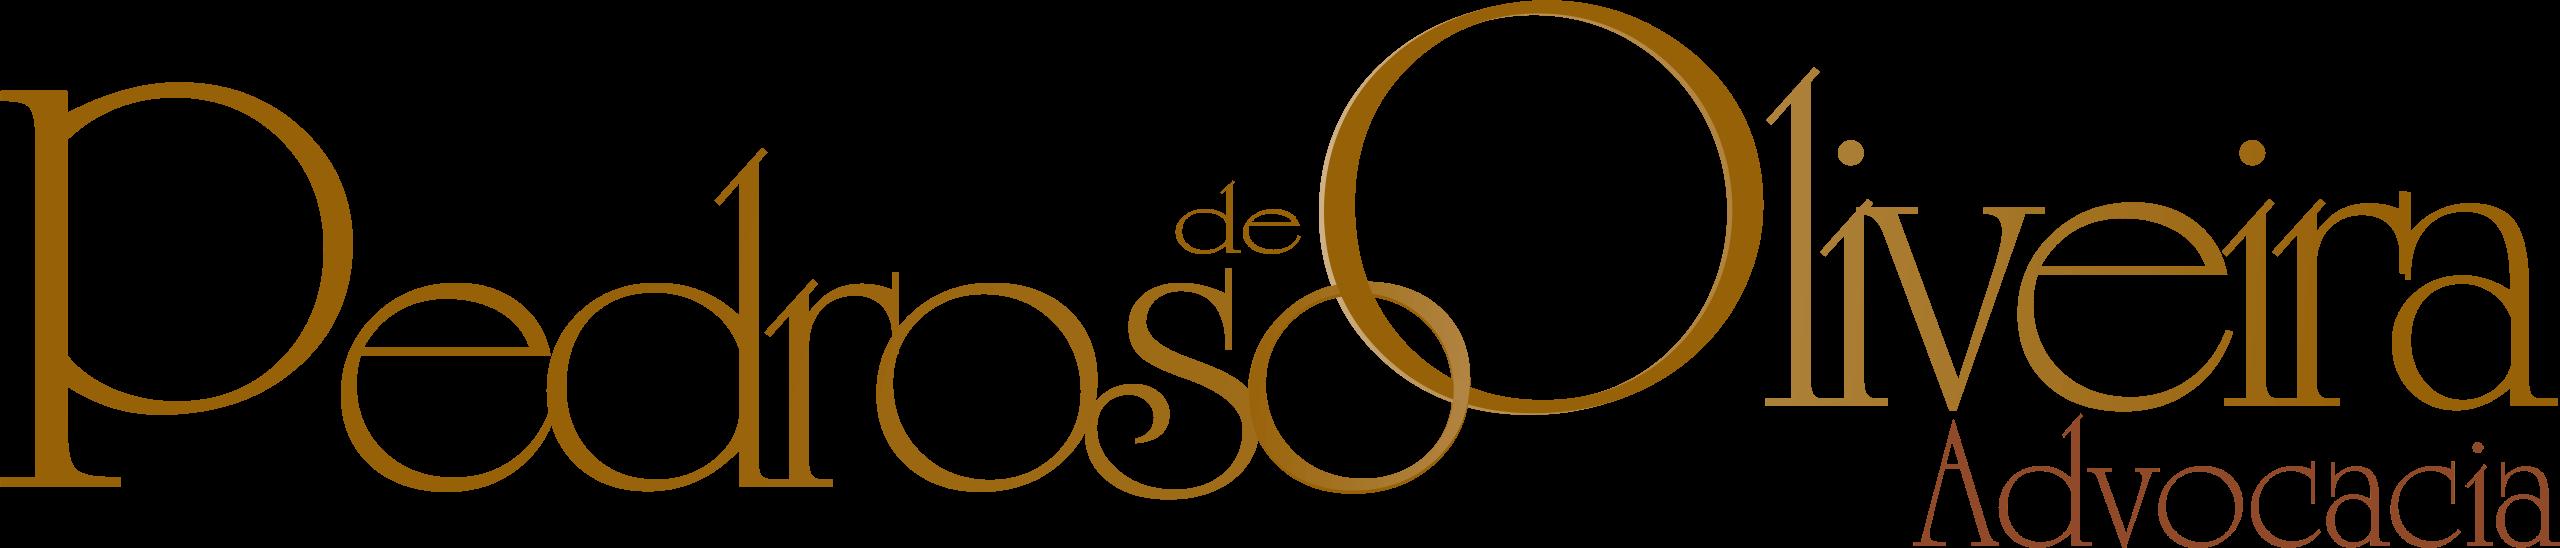 Pedroso de Oliveira Advocacia